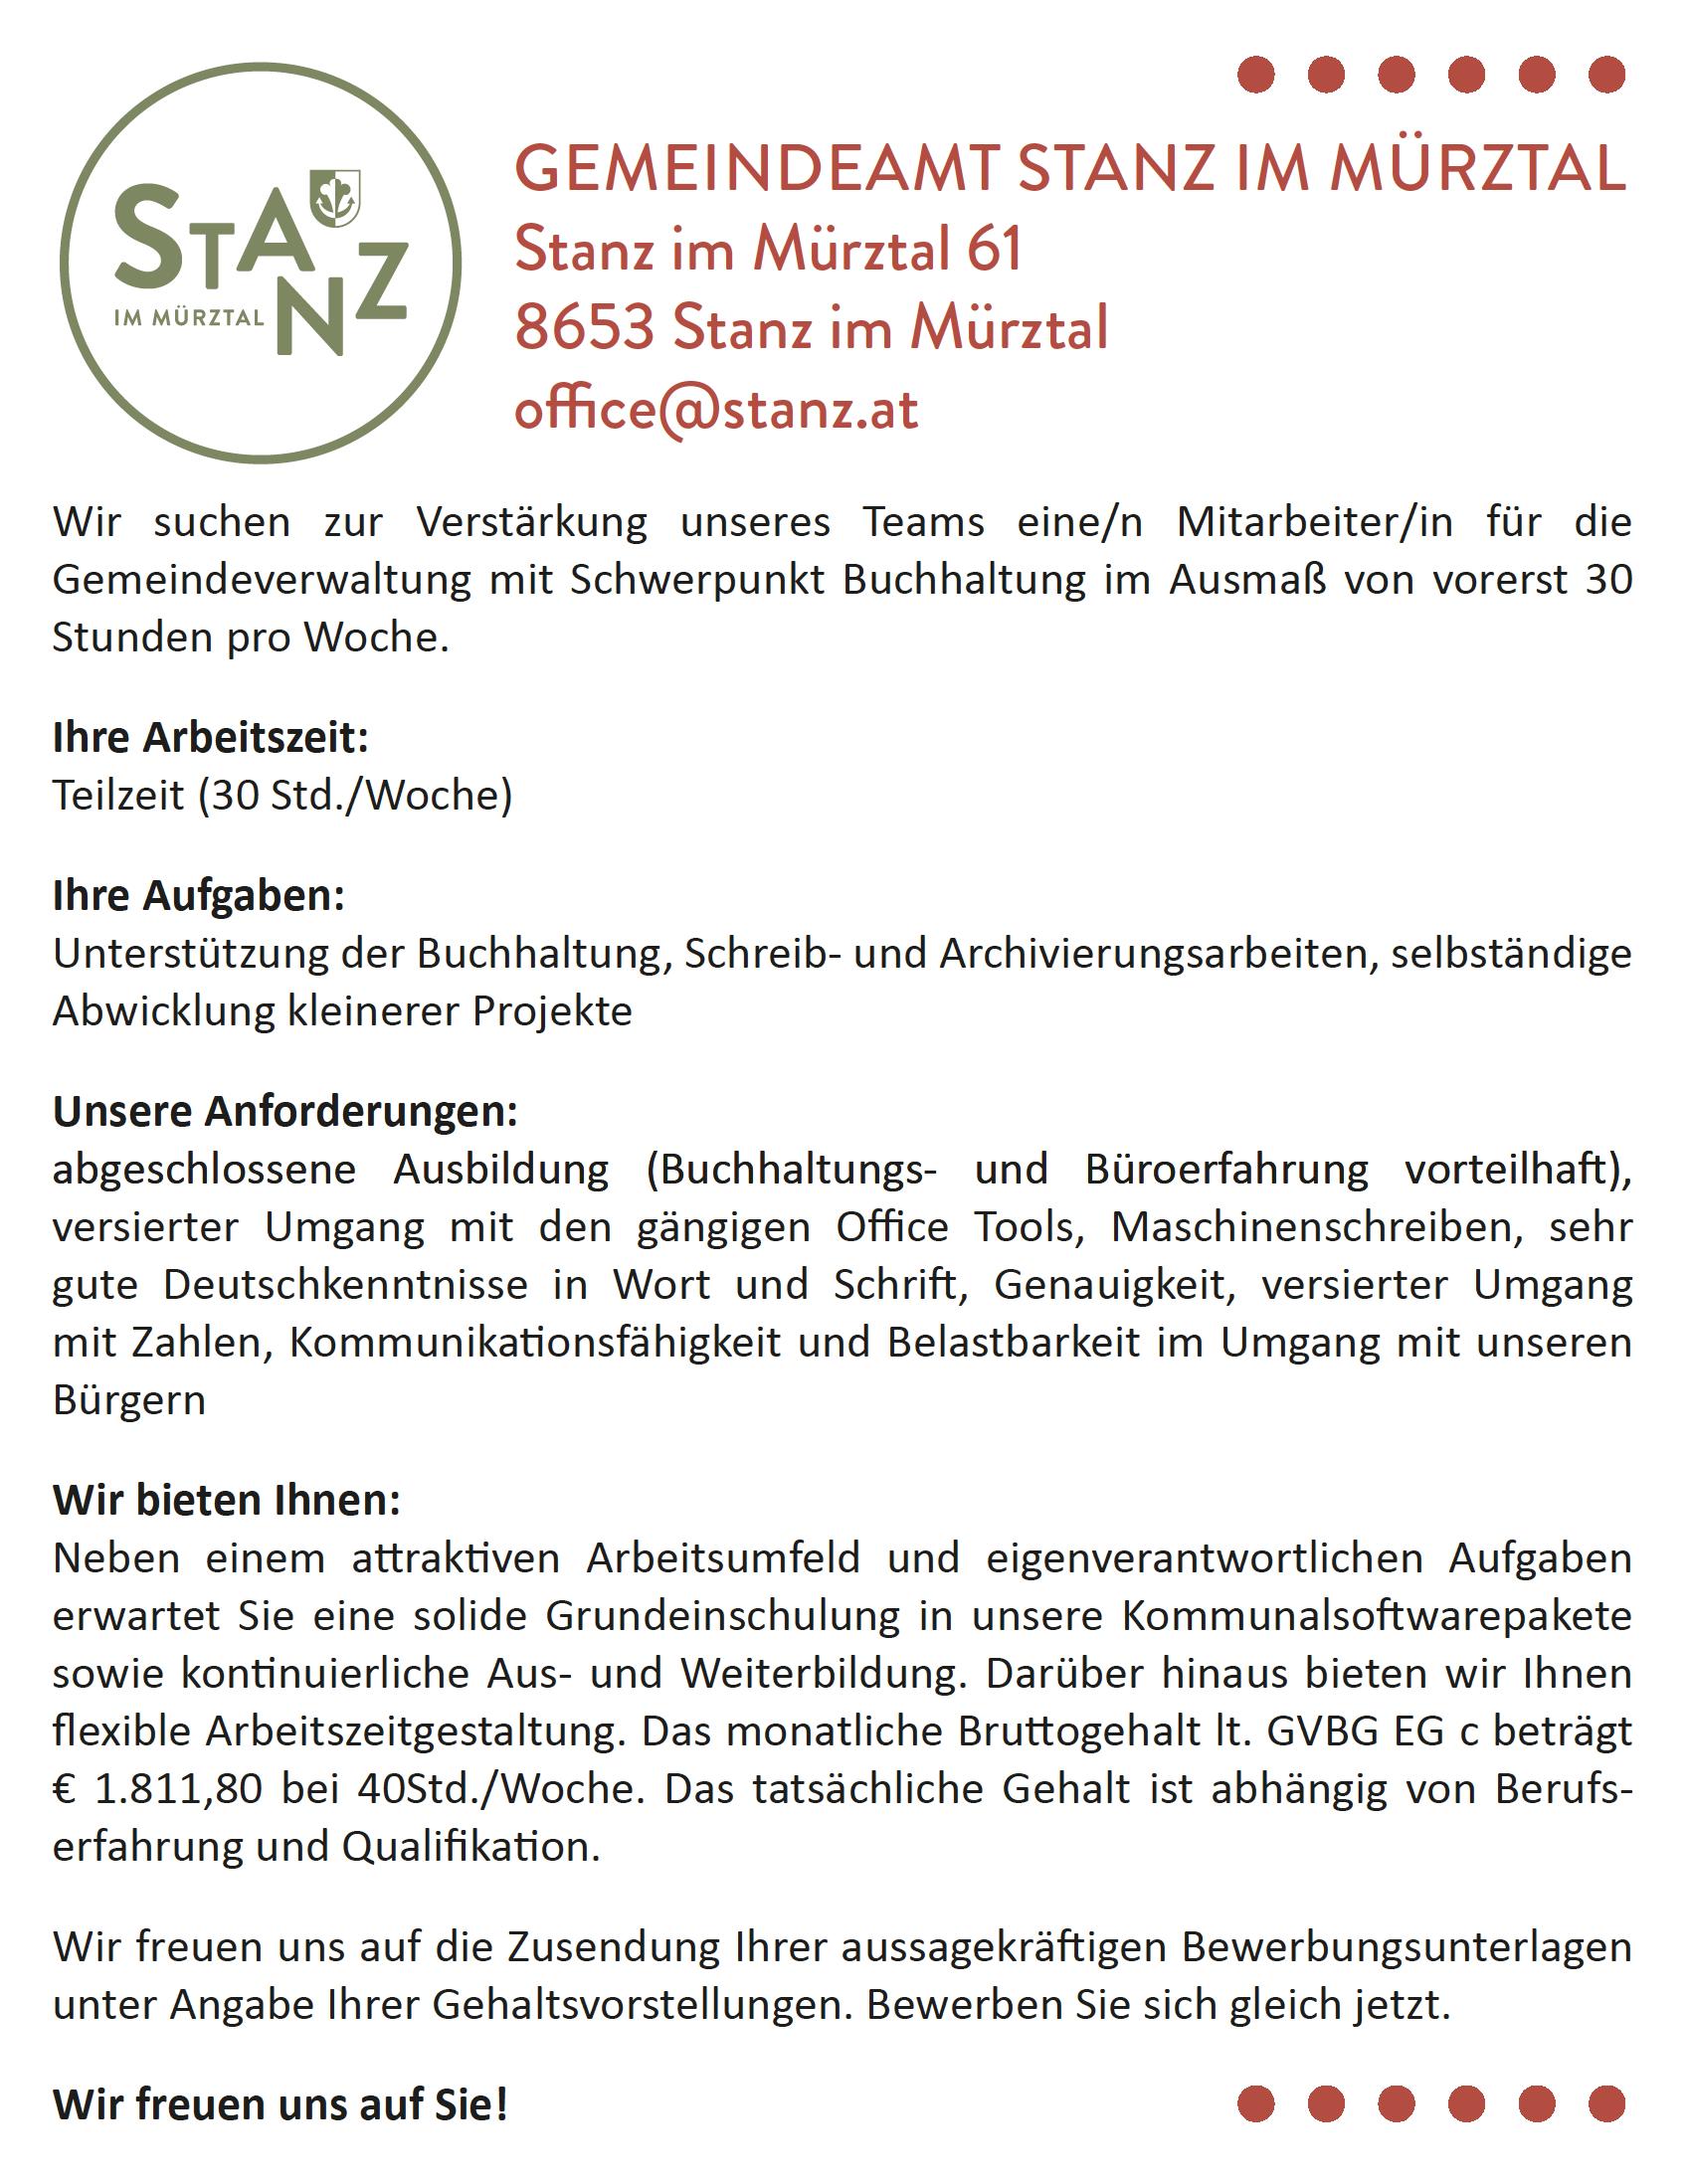 08.03.2018 – Stellenausschreibung Gemeindeamt Stanz